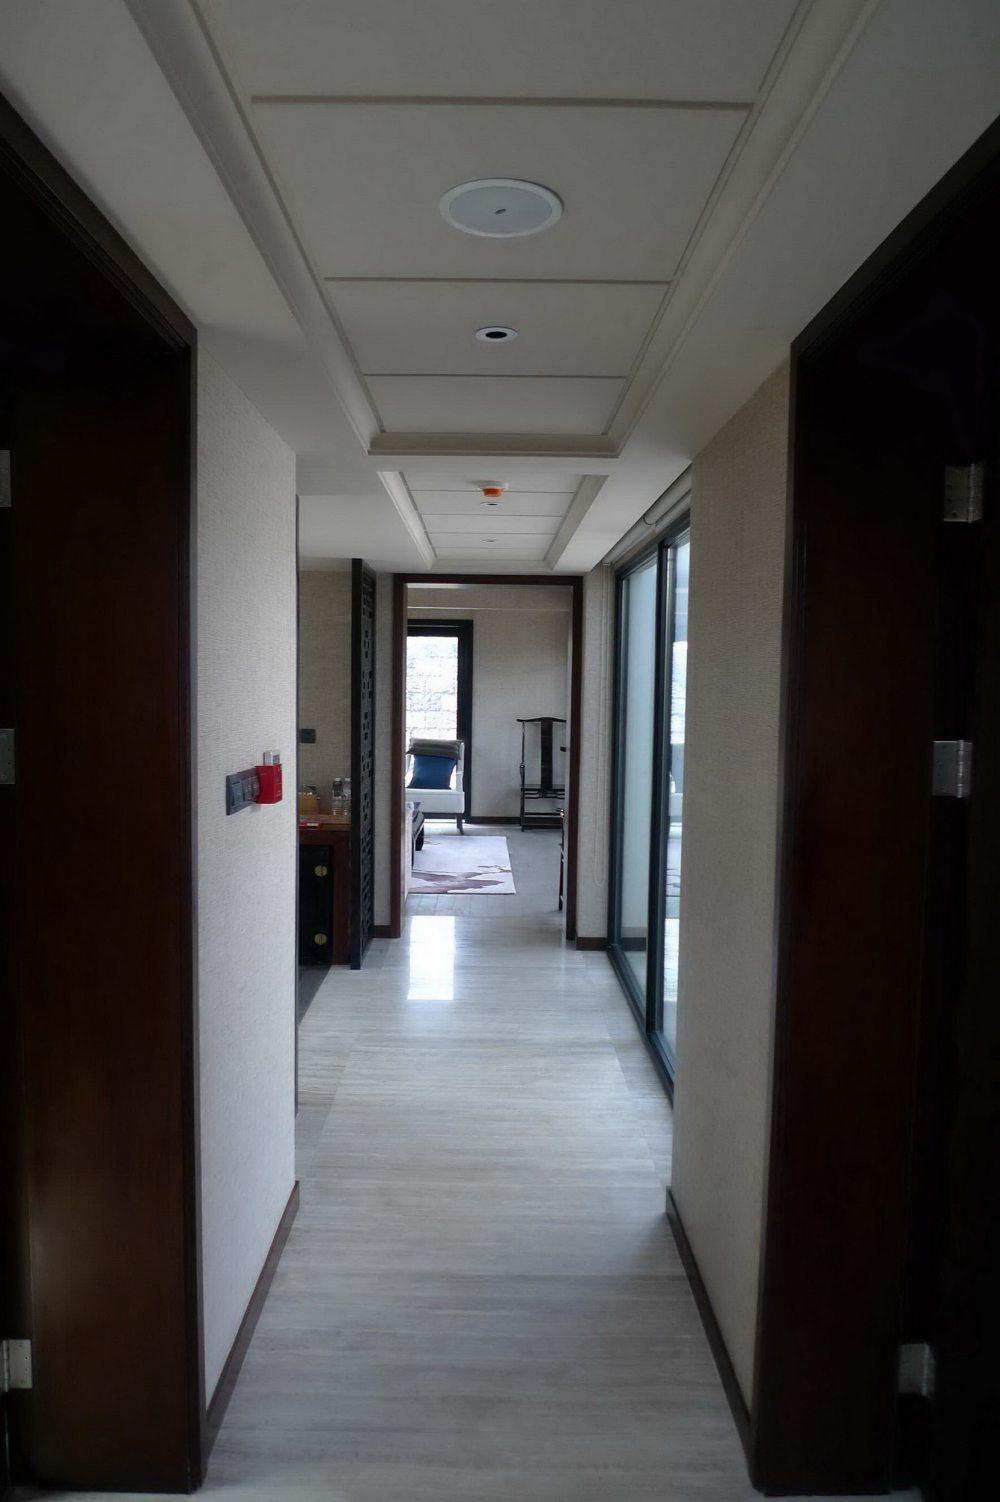 云南丽江铂尔曼渡假酒店(Lijiang Pullman Hotel)(CCD)(第8页更新)_P1010562.jpg